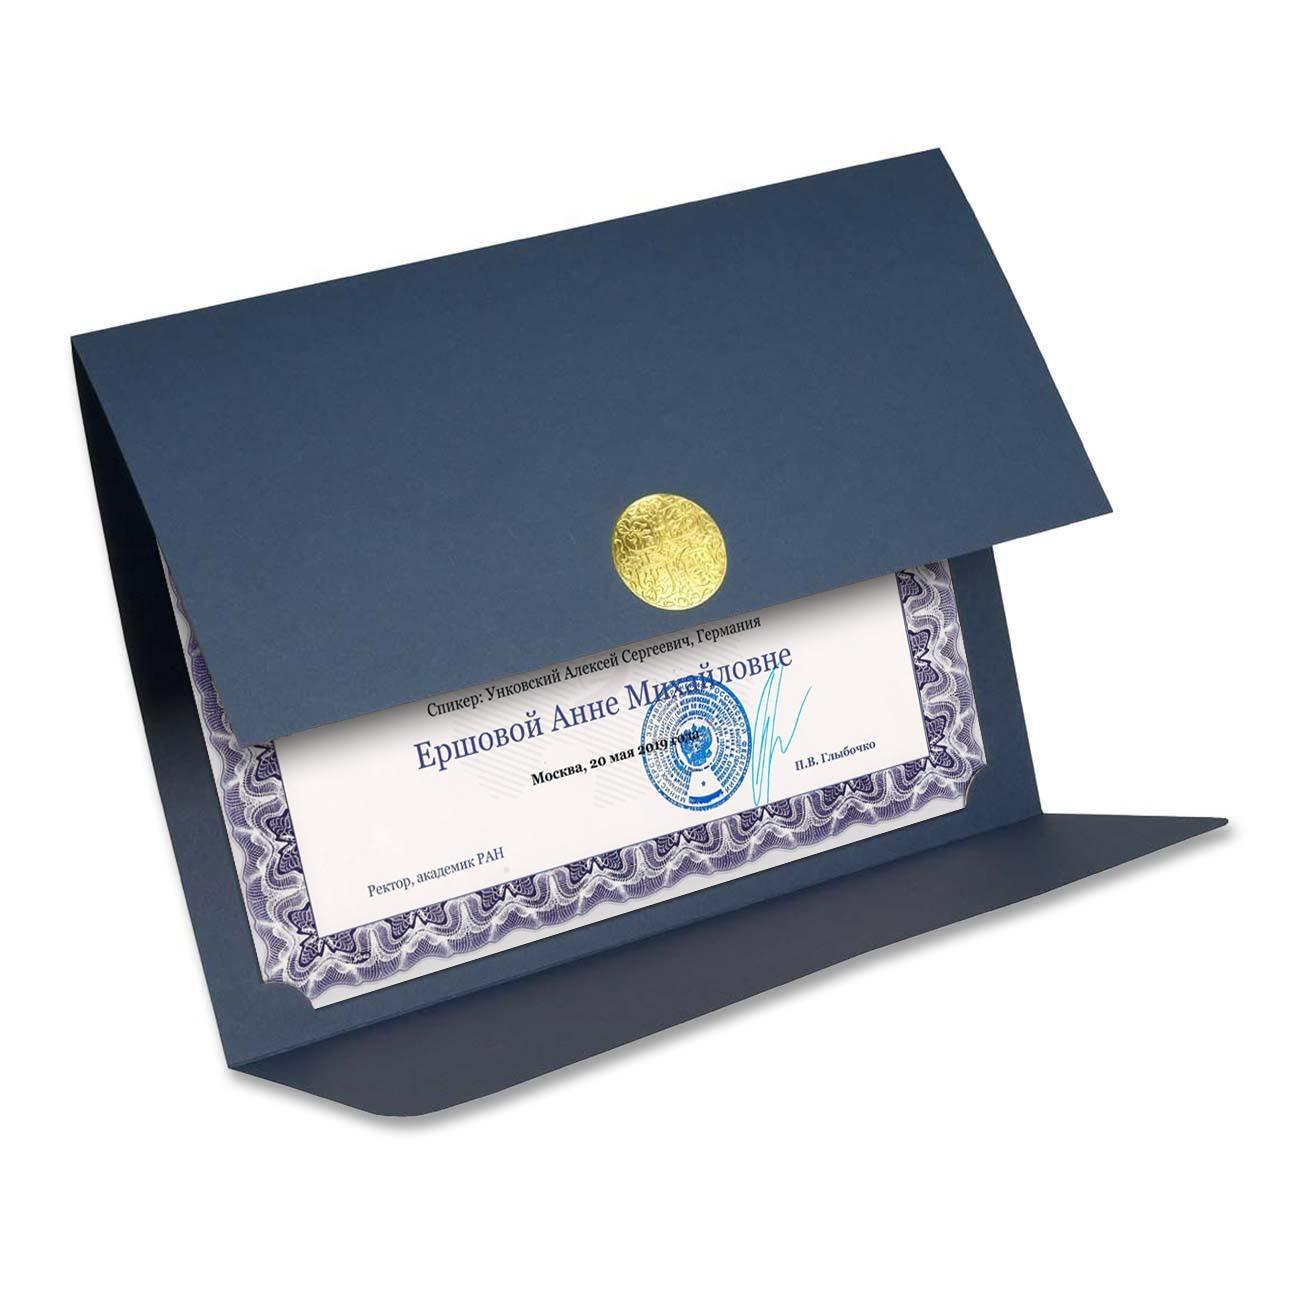 Обложка для сертификата из синей дизайнерской бумаги